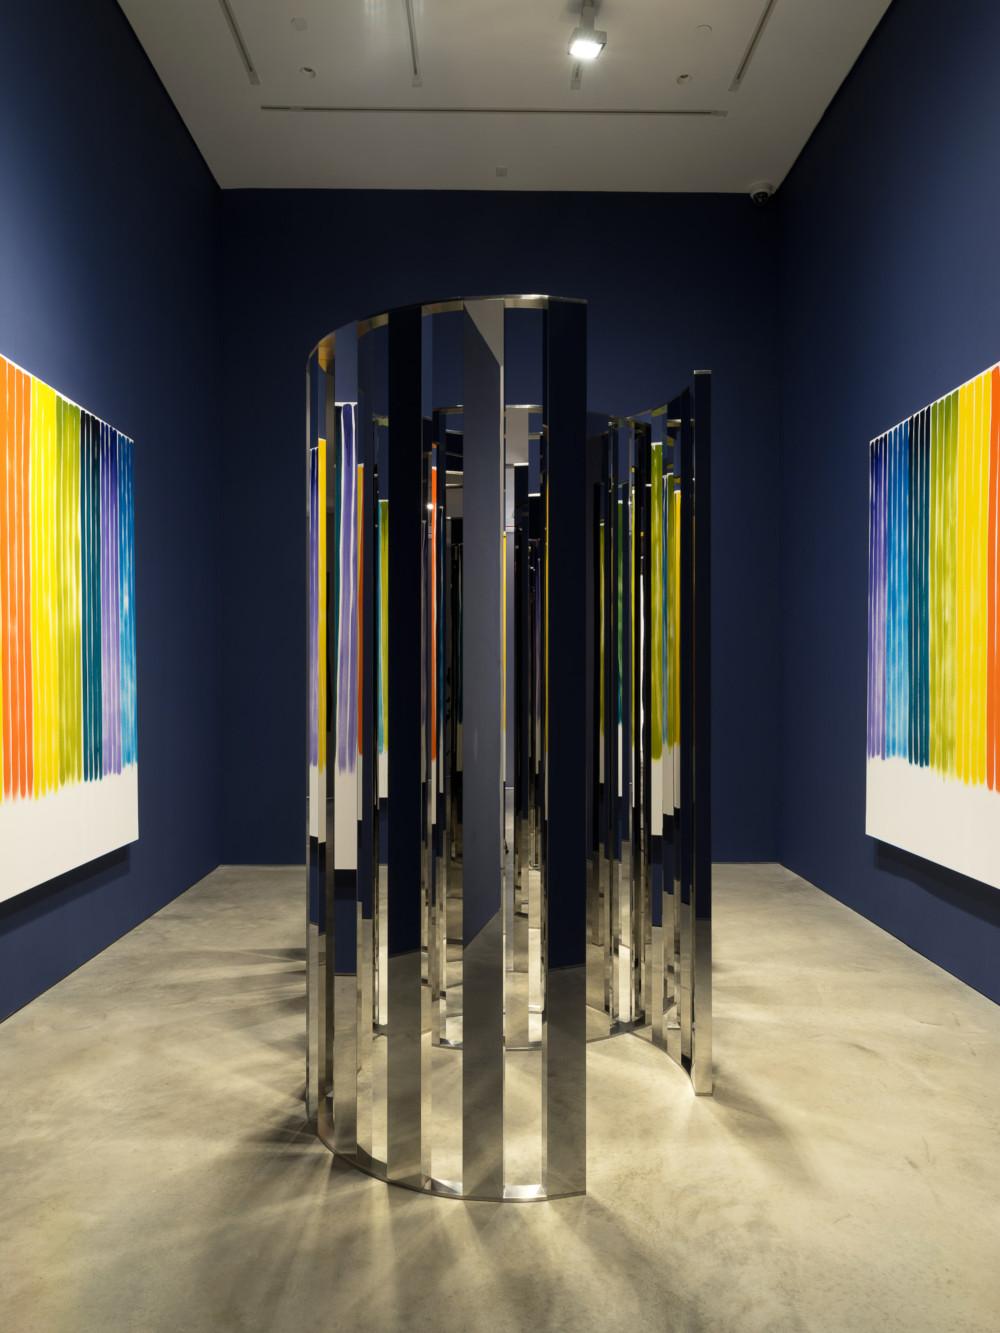 303-Gallery-Jeppe-Hein 4